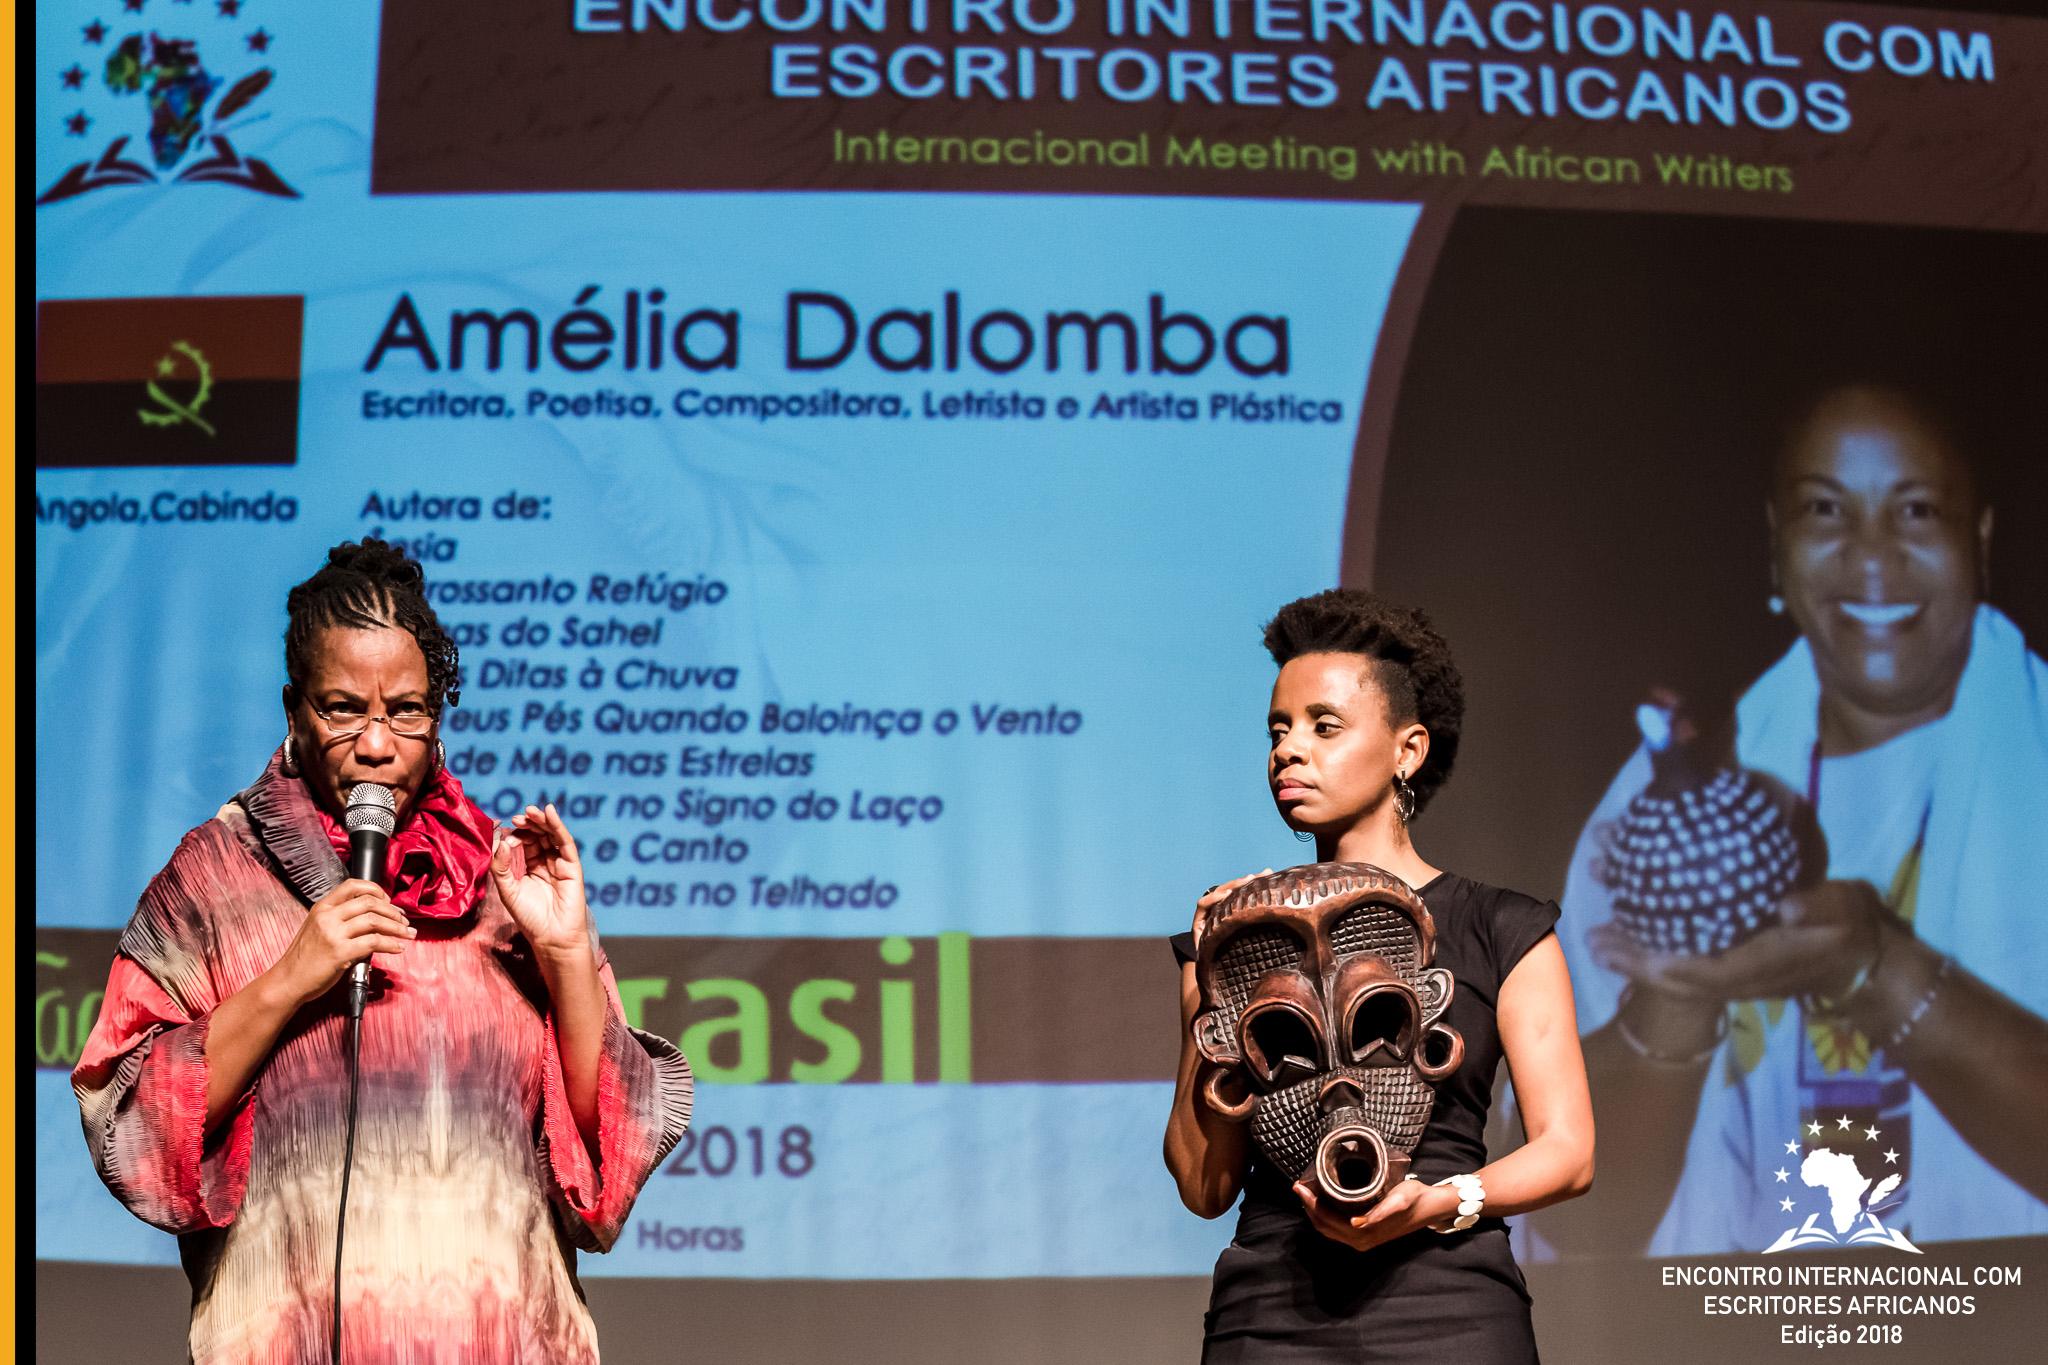 Palestra com Amélia Dalomba